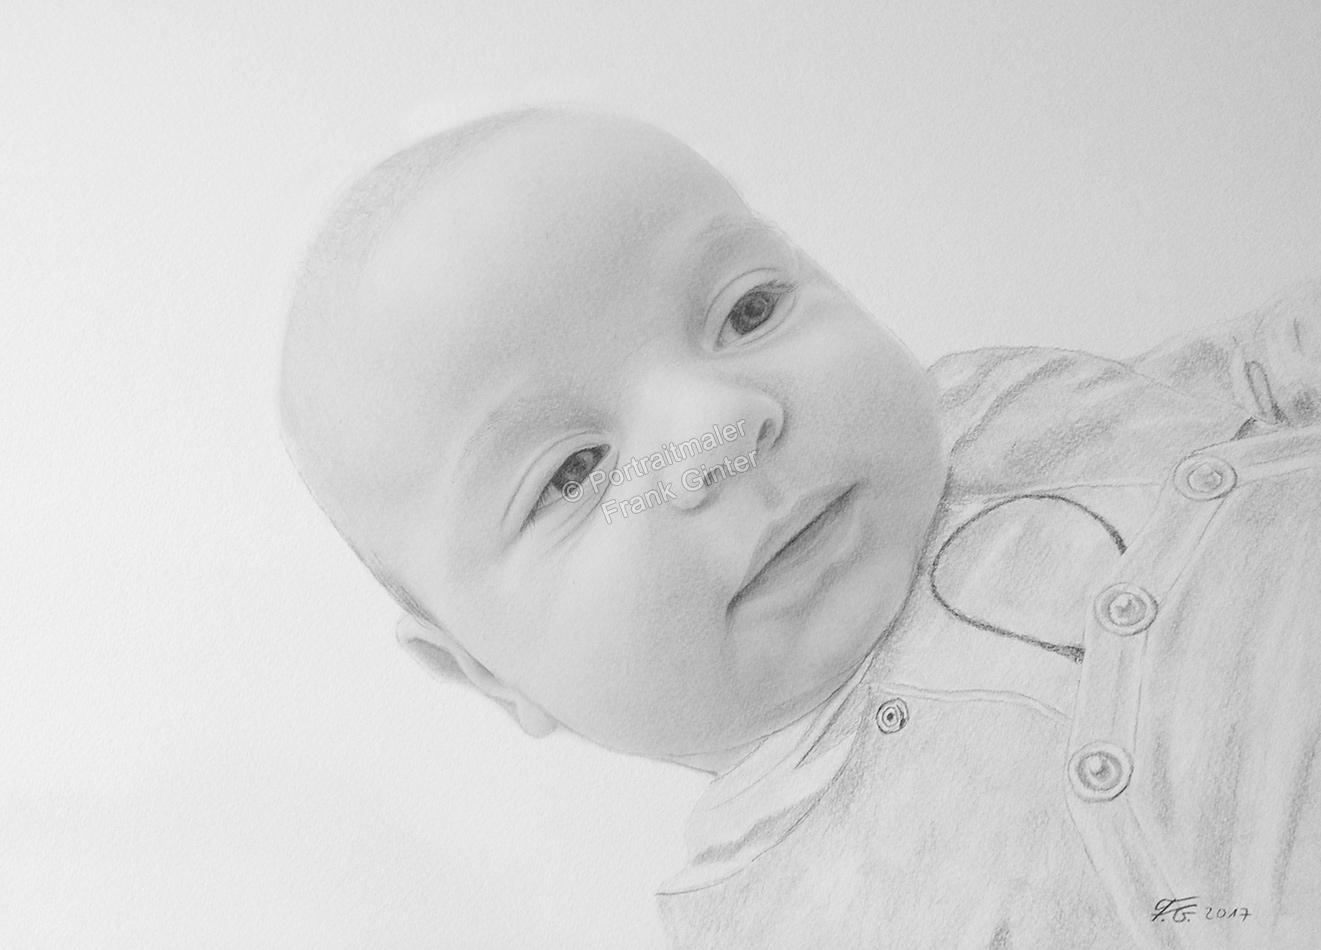 Bleistiftzeichnungen Portraitzeichnungen Baby, ein Baby-Portrait zeichnen lassen mit Bleistift